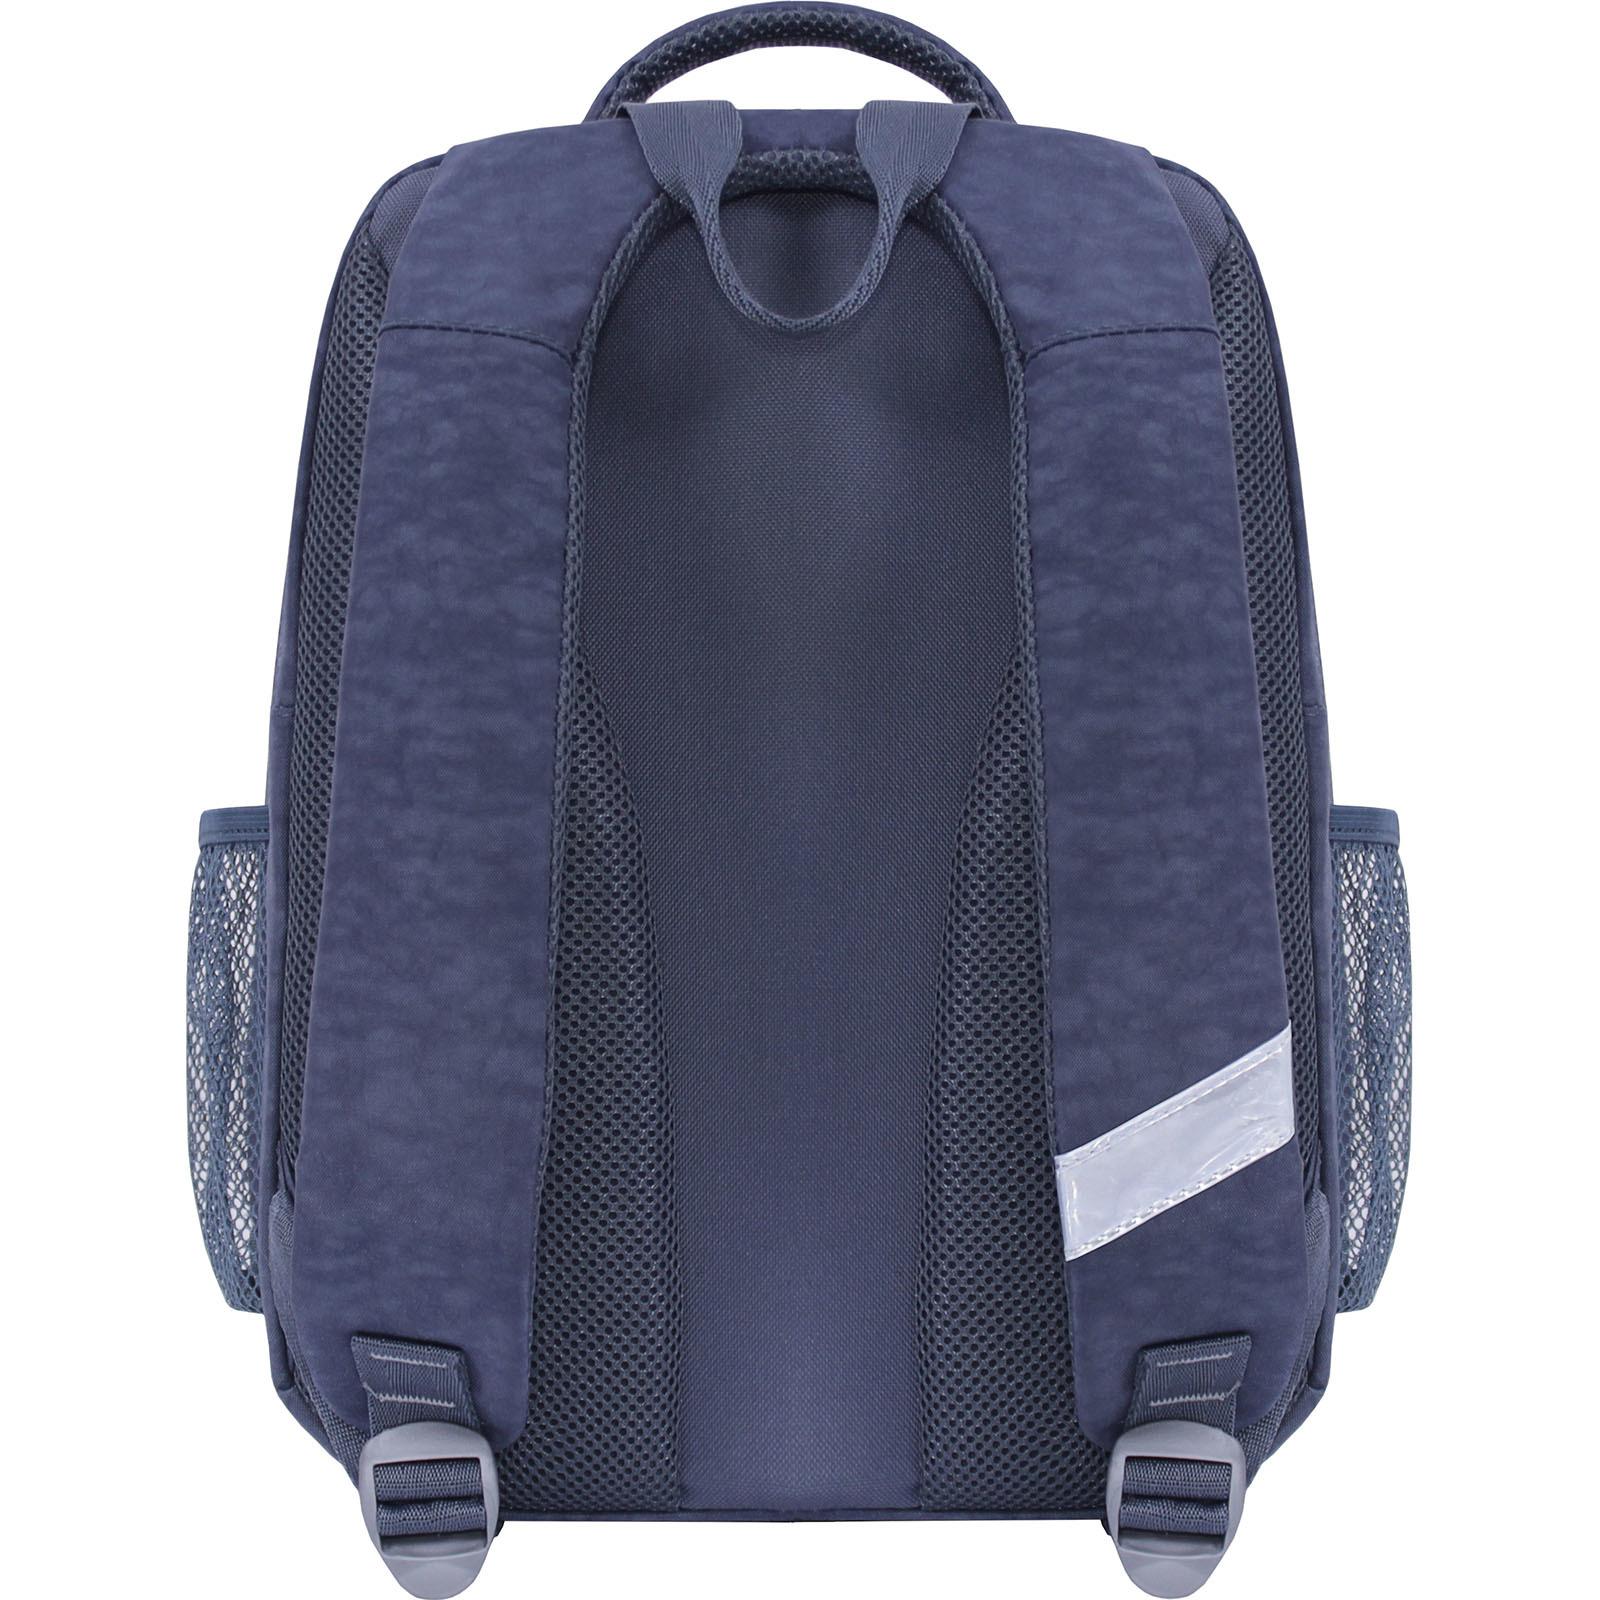 Рюкзак школьный Bagland Школьник 8 л. 321 серый 509 (0012870) фото 3